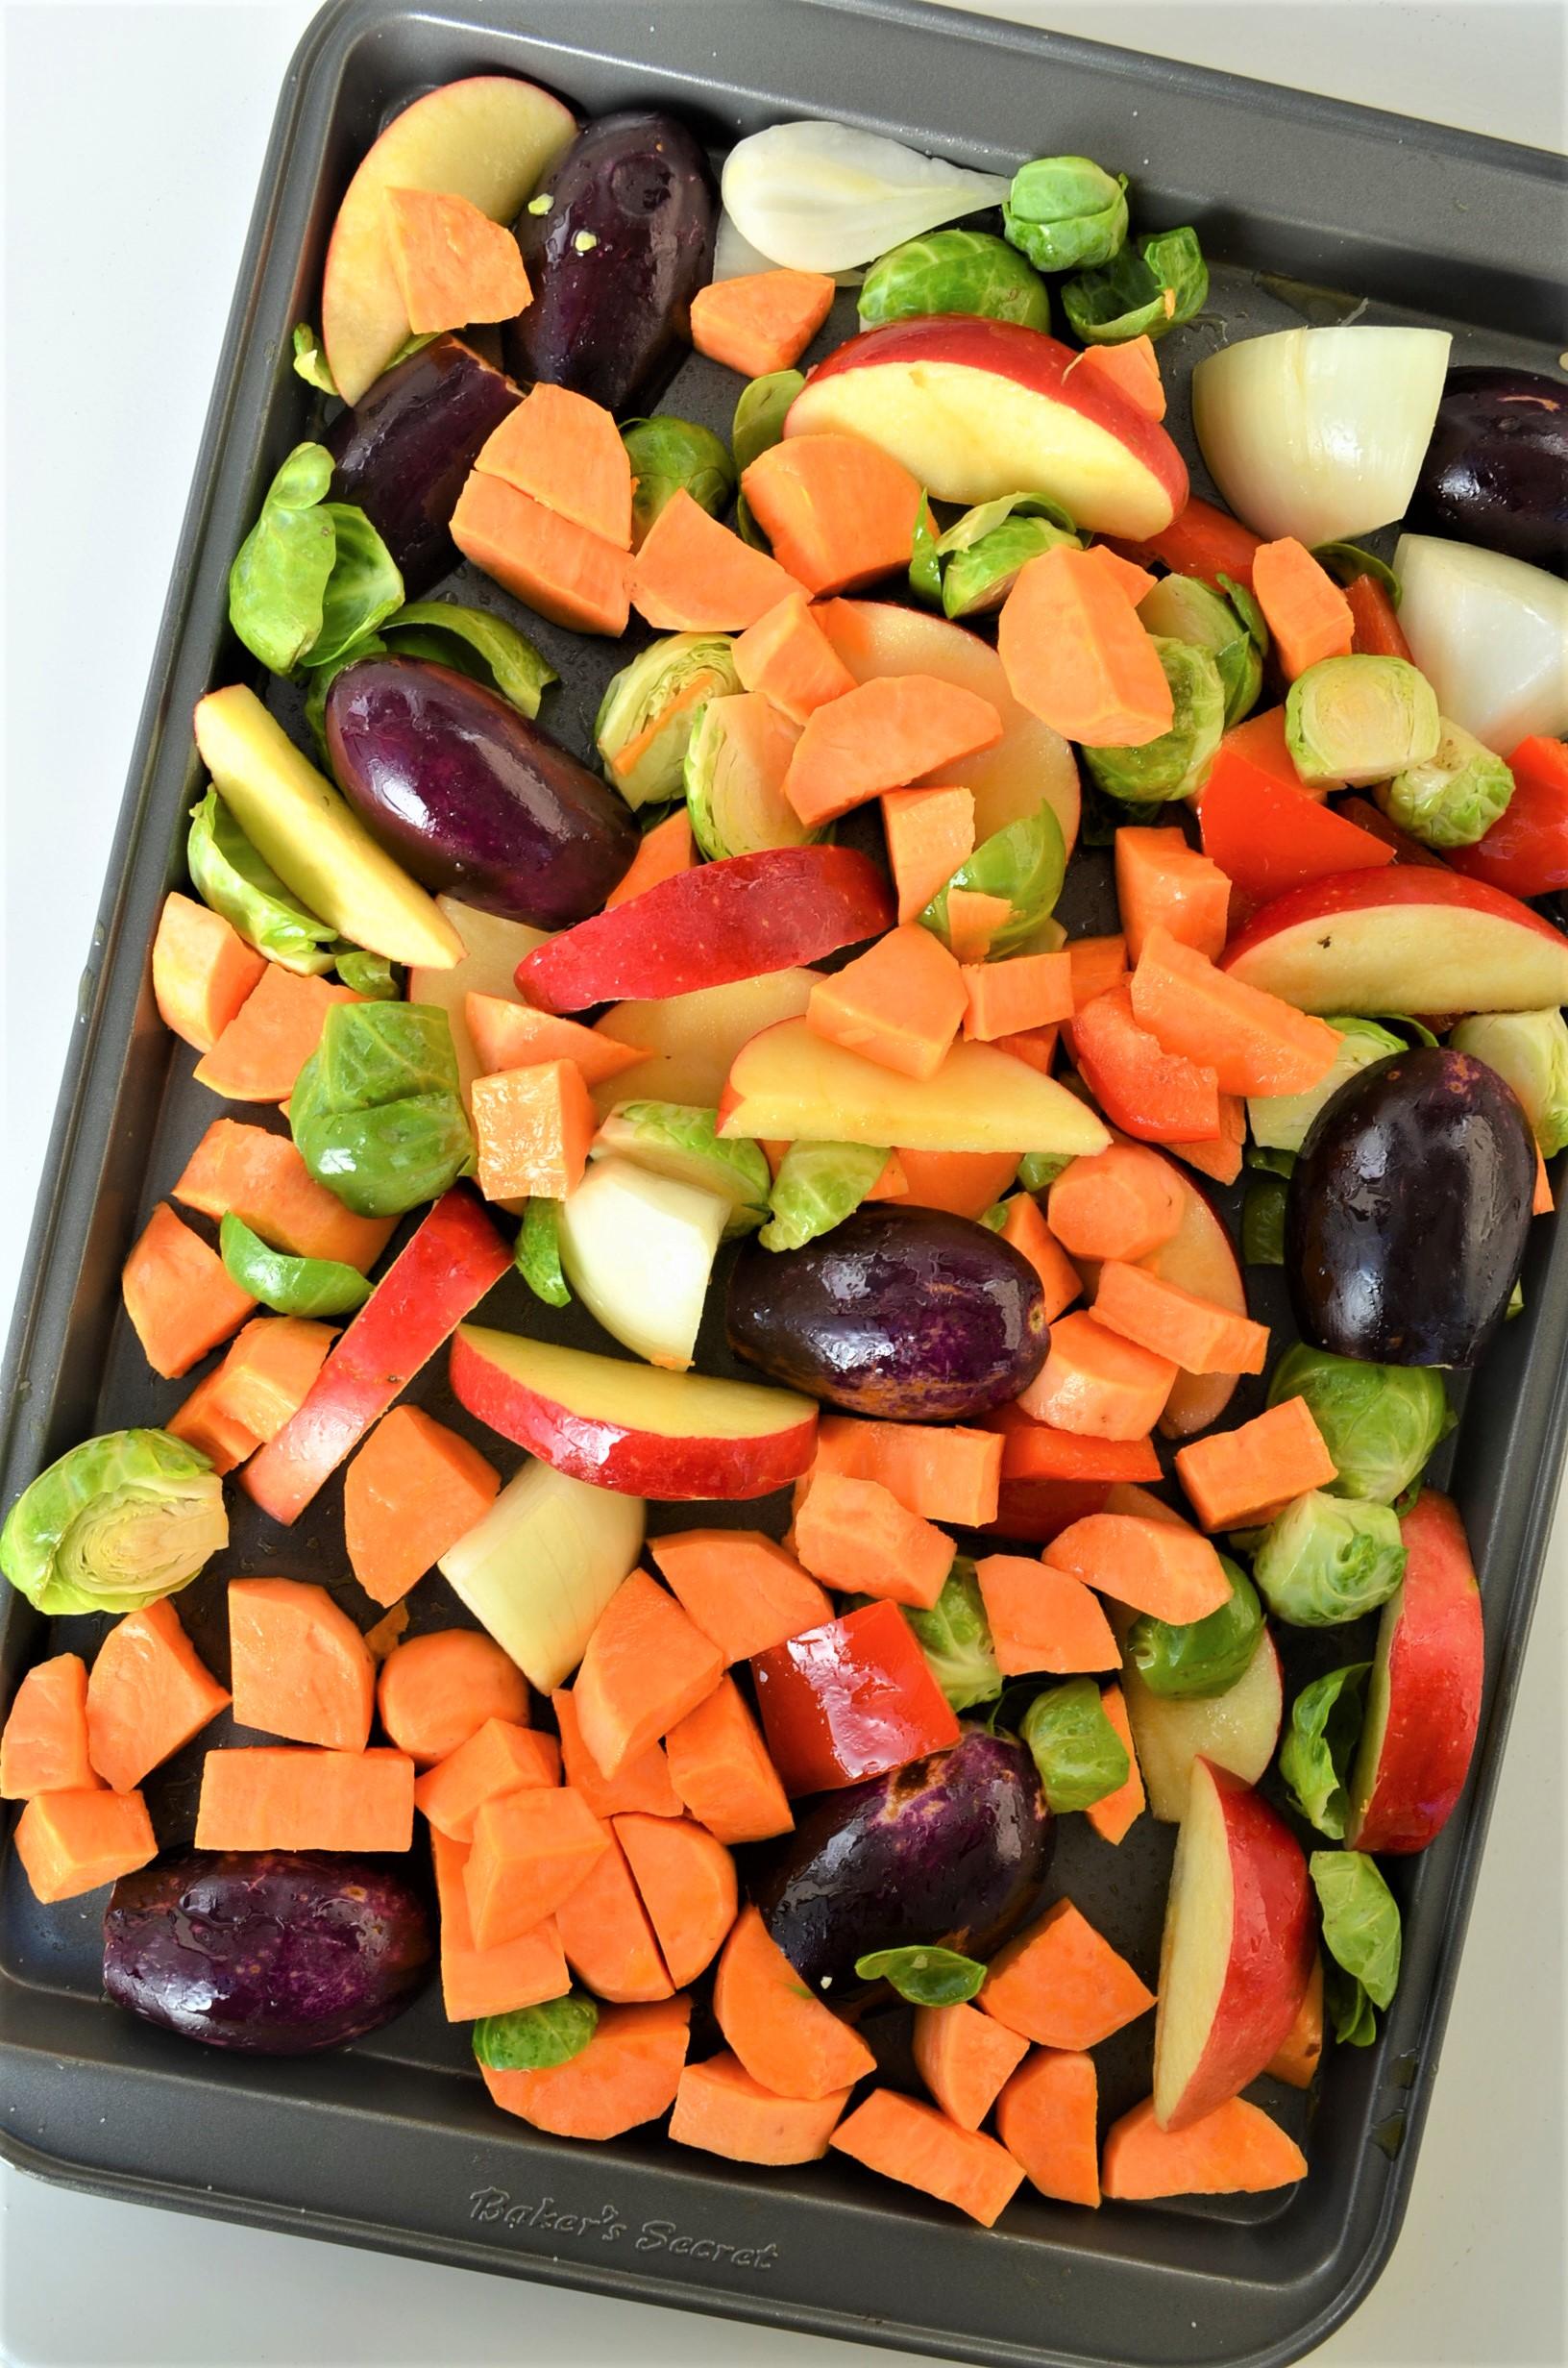 How To Make Pan Sheet Veggies